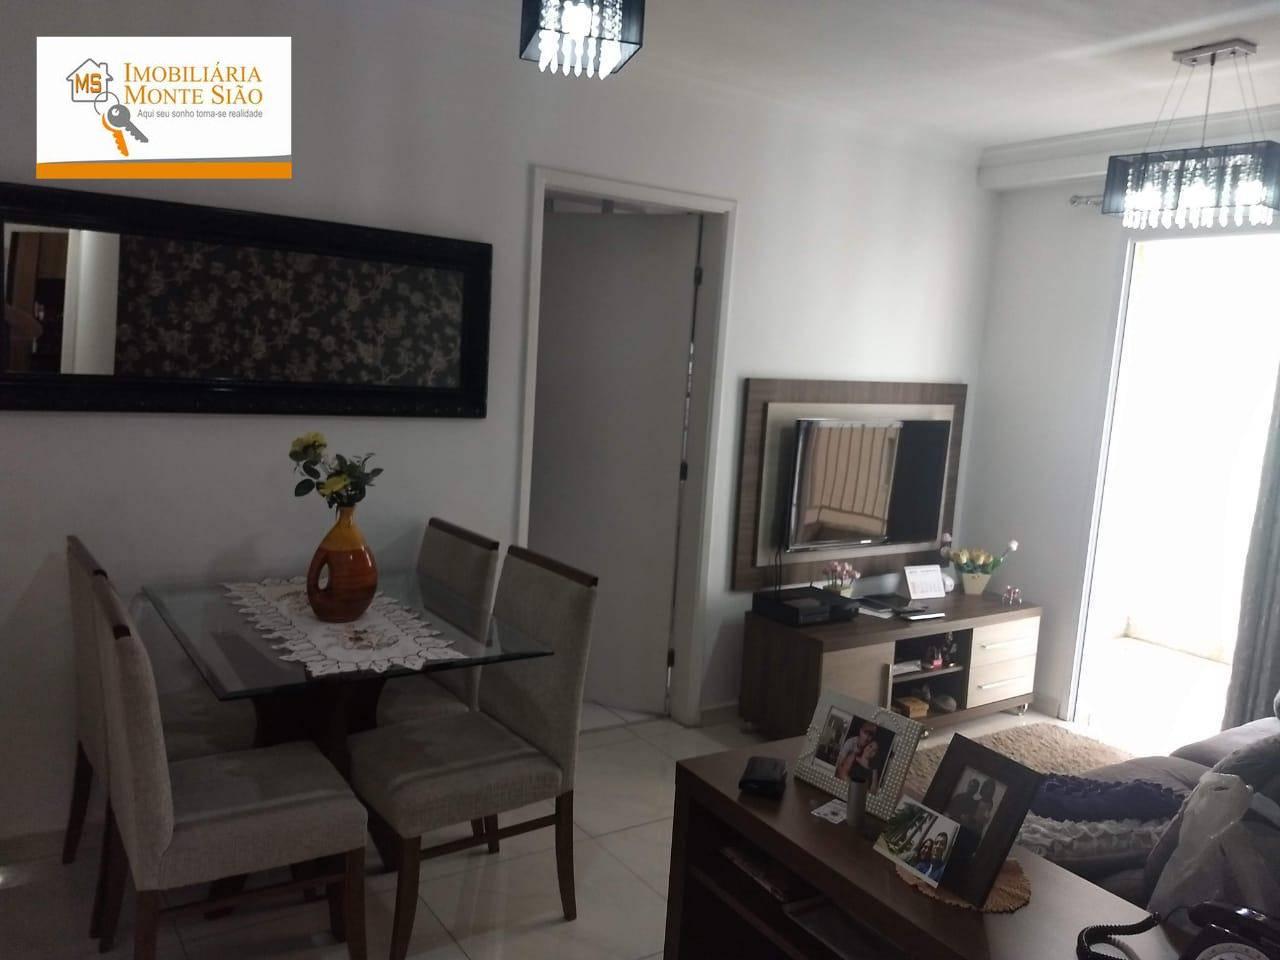 Apartamento com 2 dormitórios à venda, 61 m² por R$ 307.000,00 - Macedo - Guarulhos/SP